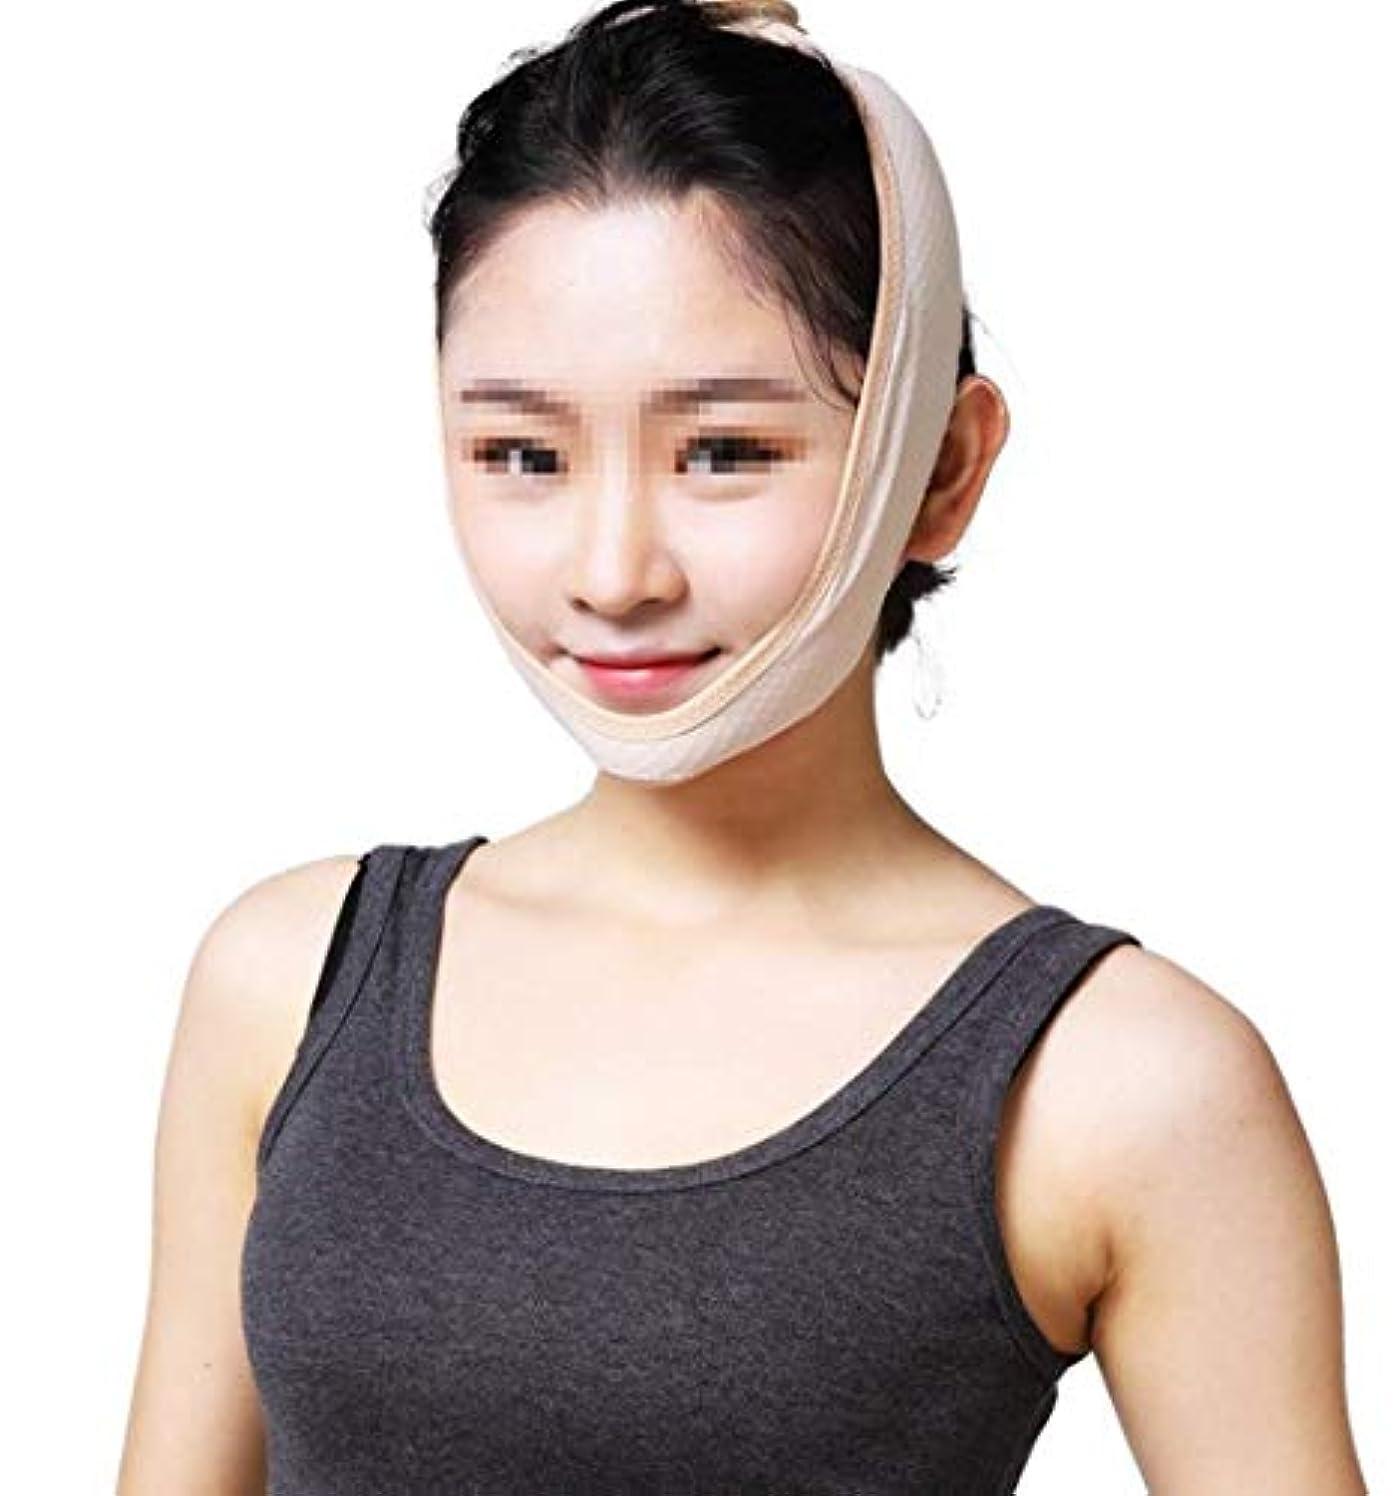 そばに肥沃な創傷顔を持ち上げる包帯、口を開けて眠るのを防ぐための女性の通気性のいびきベルトいびきアーティファクトアンチあごの脱臼の修正包帯のいびき装置